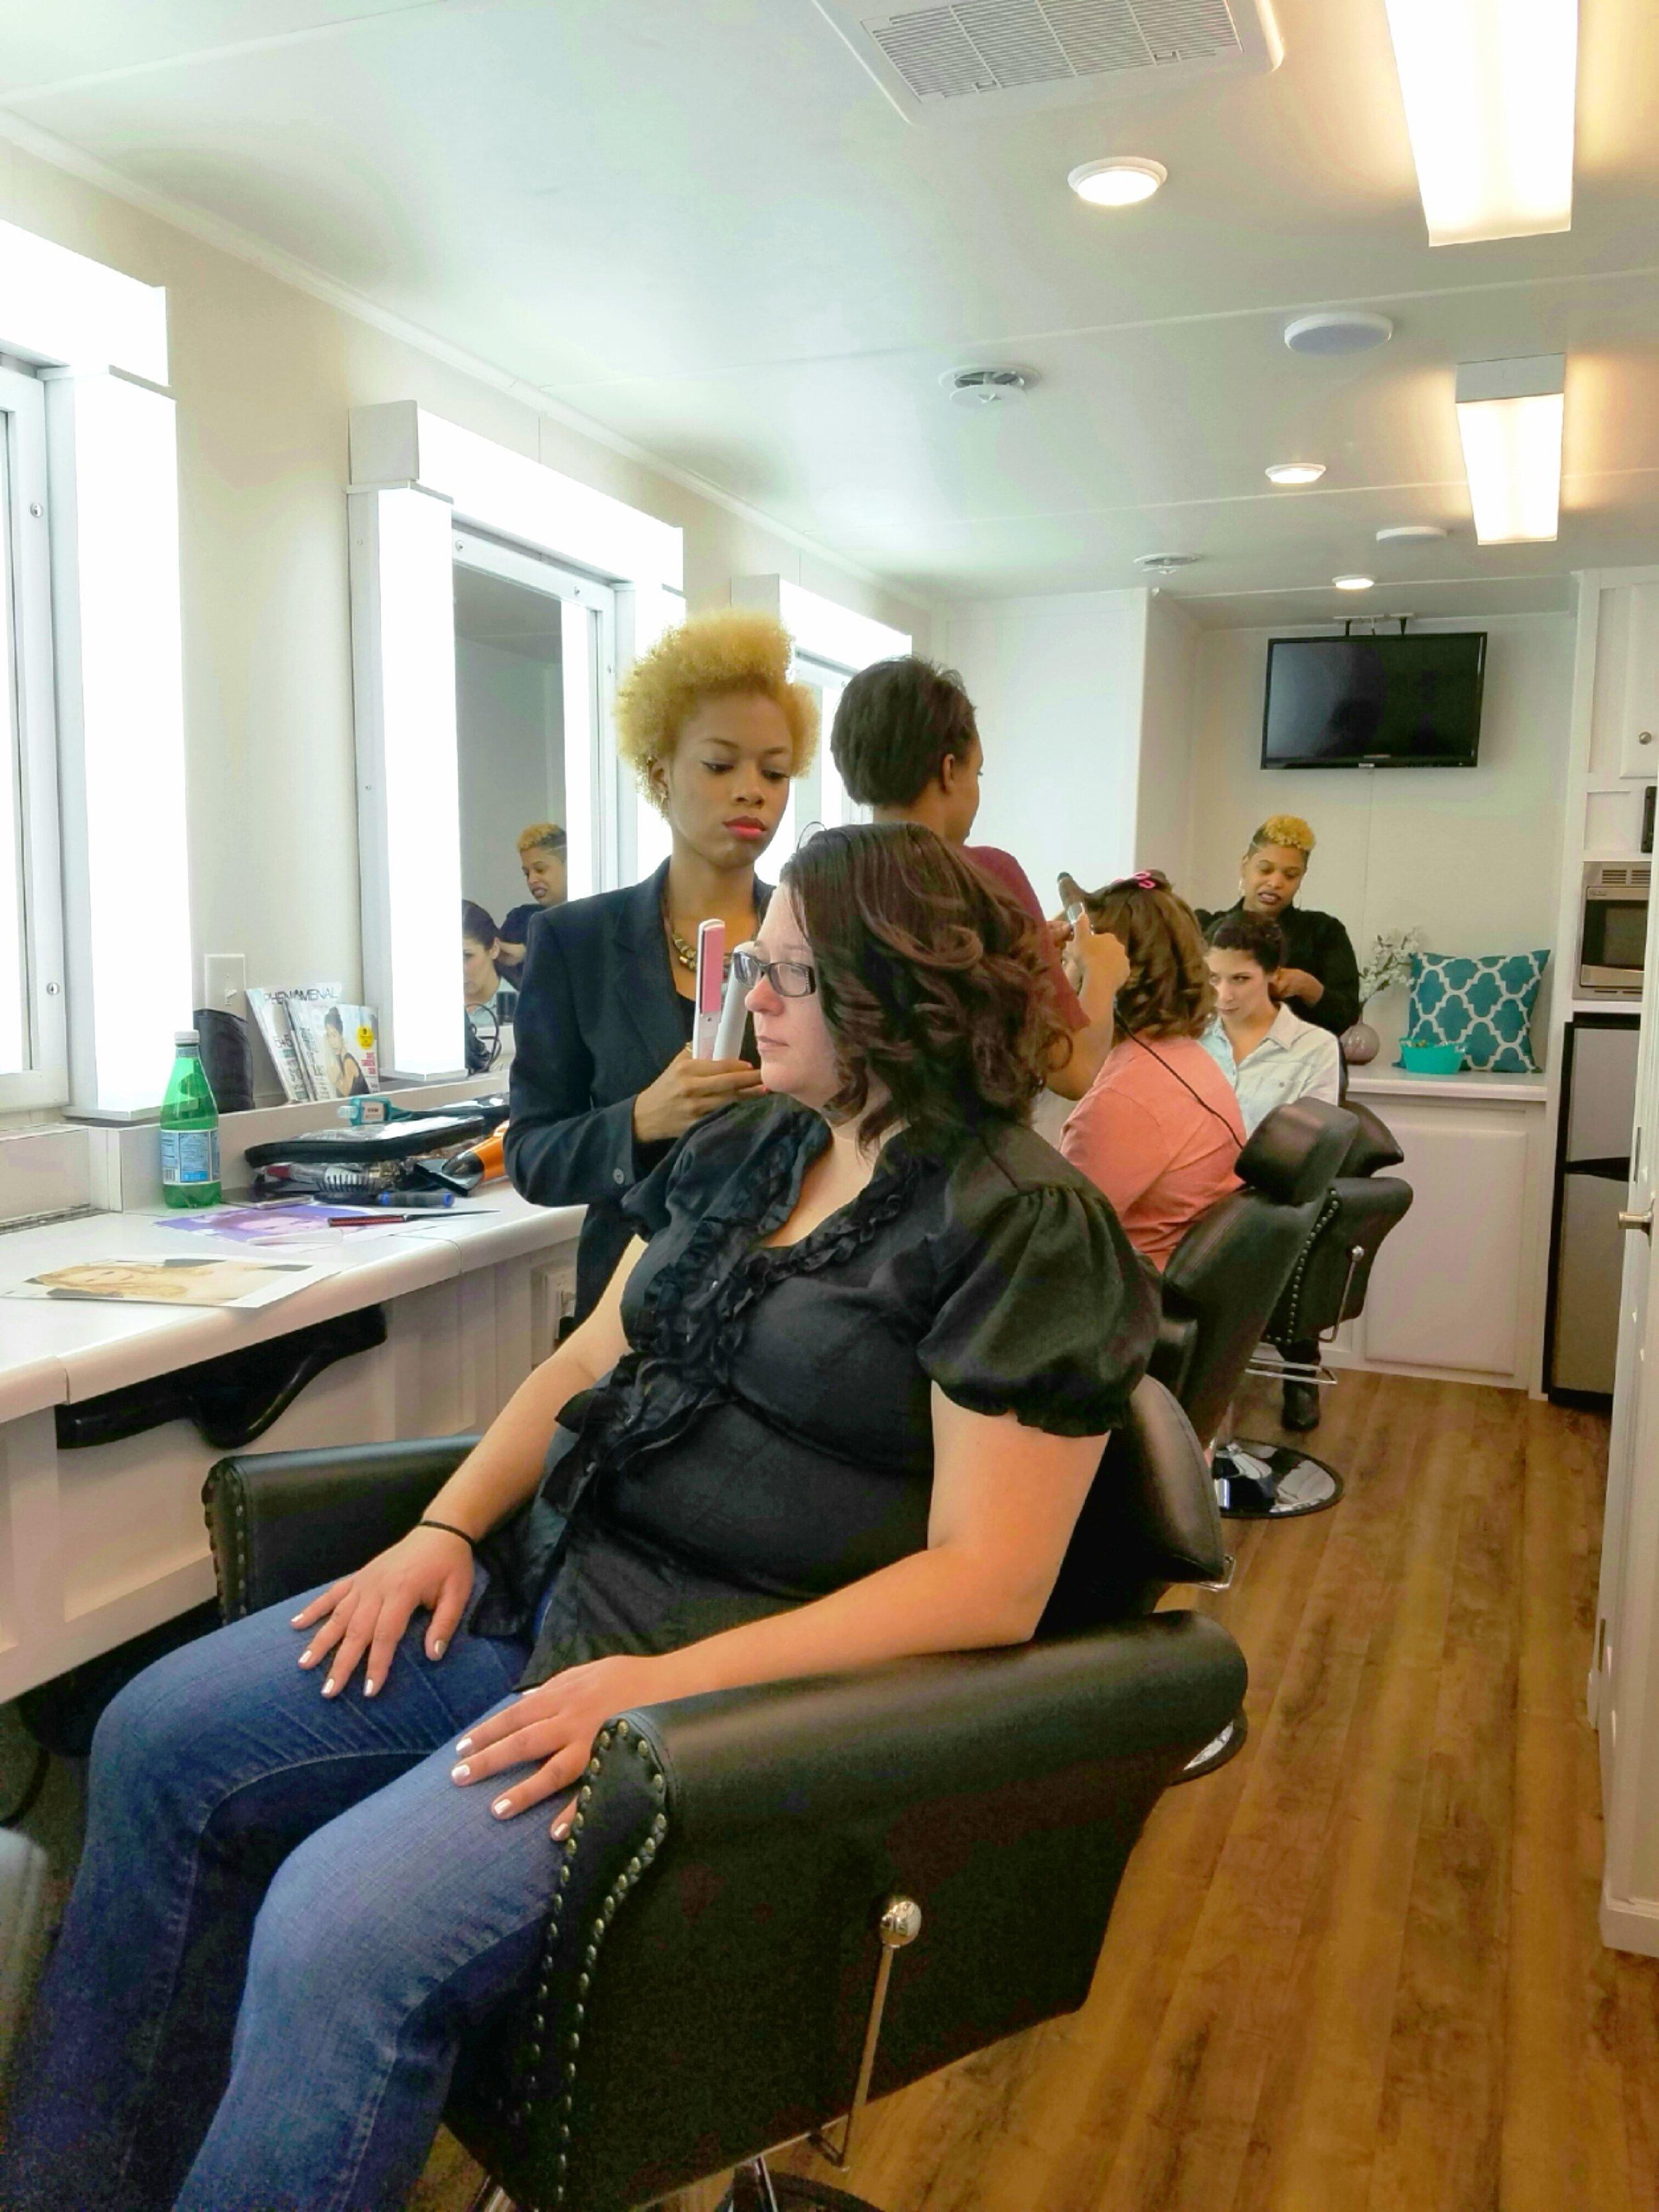 mobile salon_fullchairs.jpg